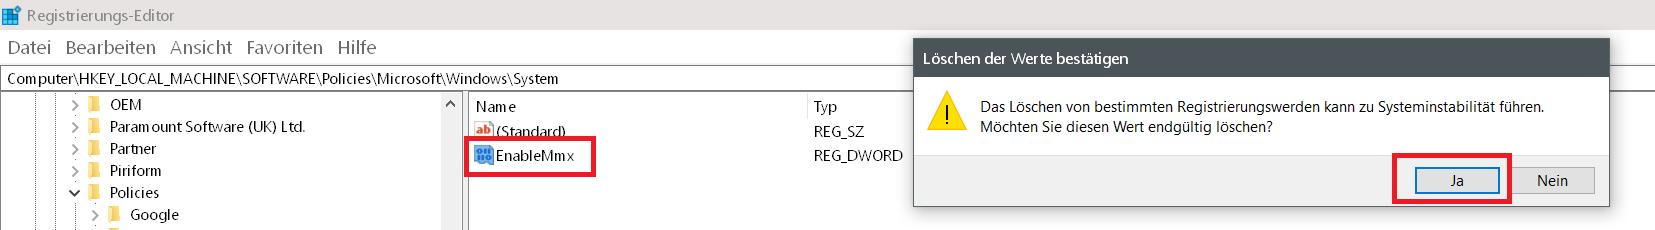 loeschen bestaetigen - Windows 10 Telefon deaktivieren